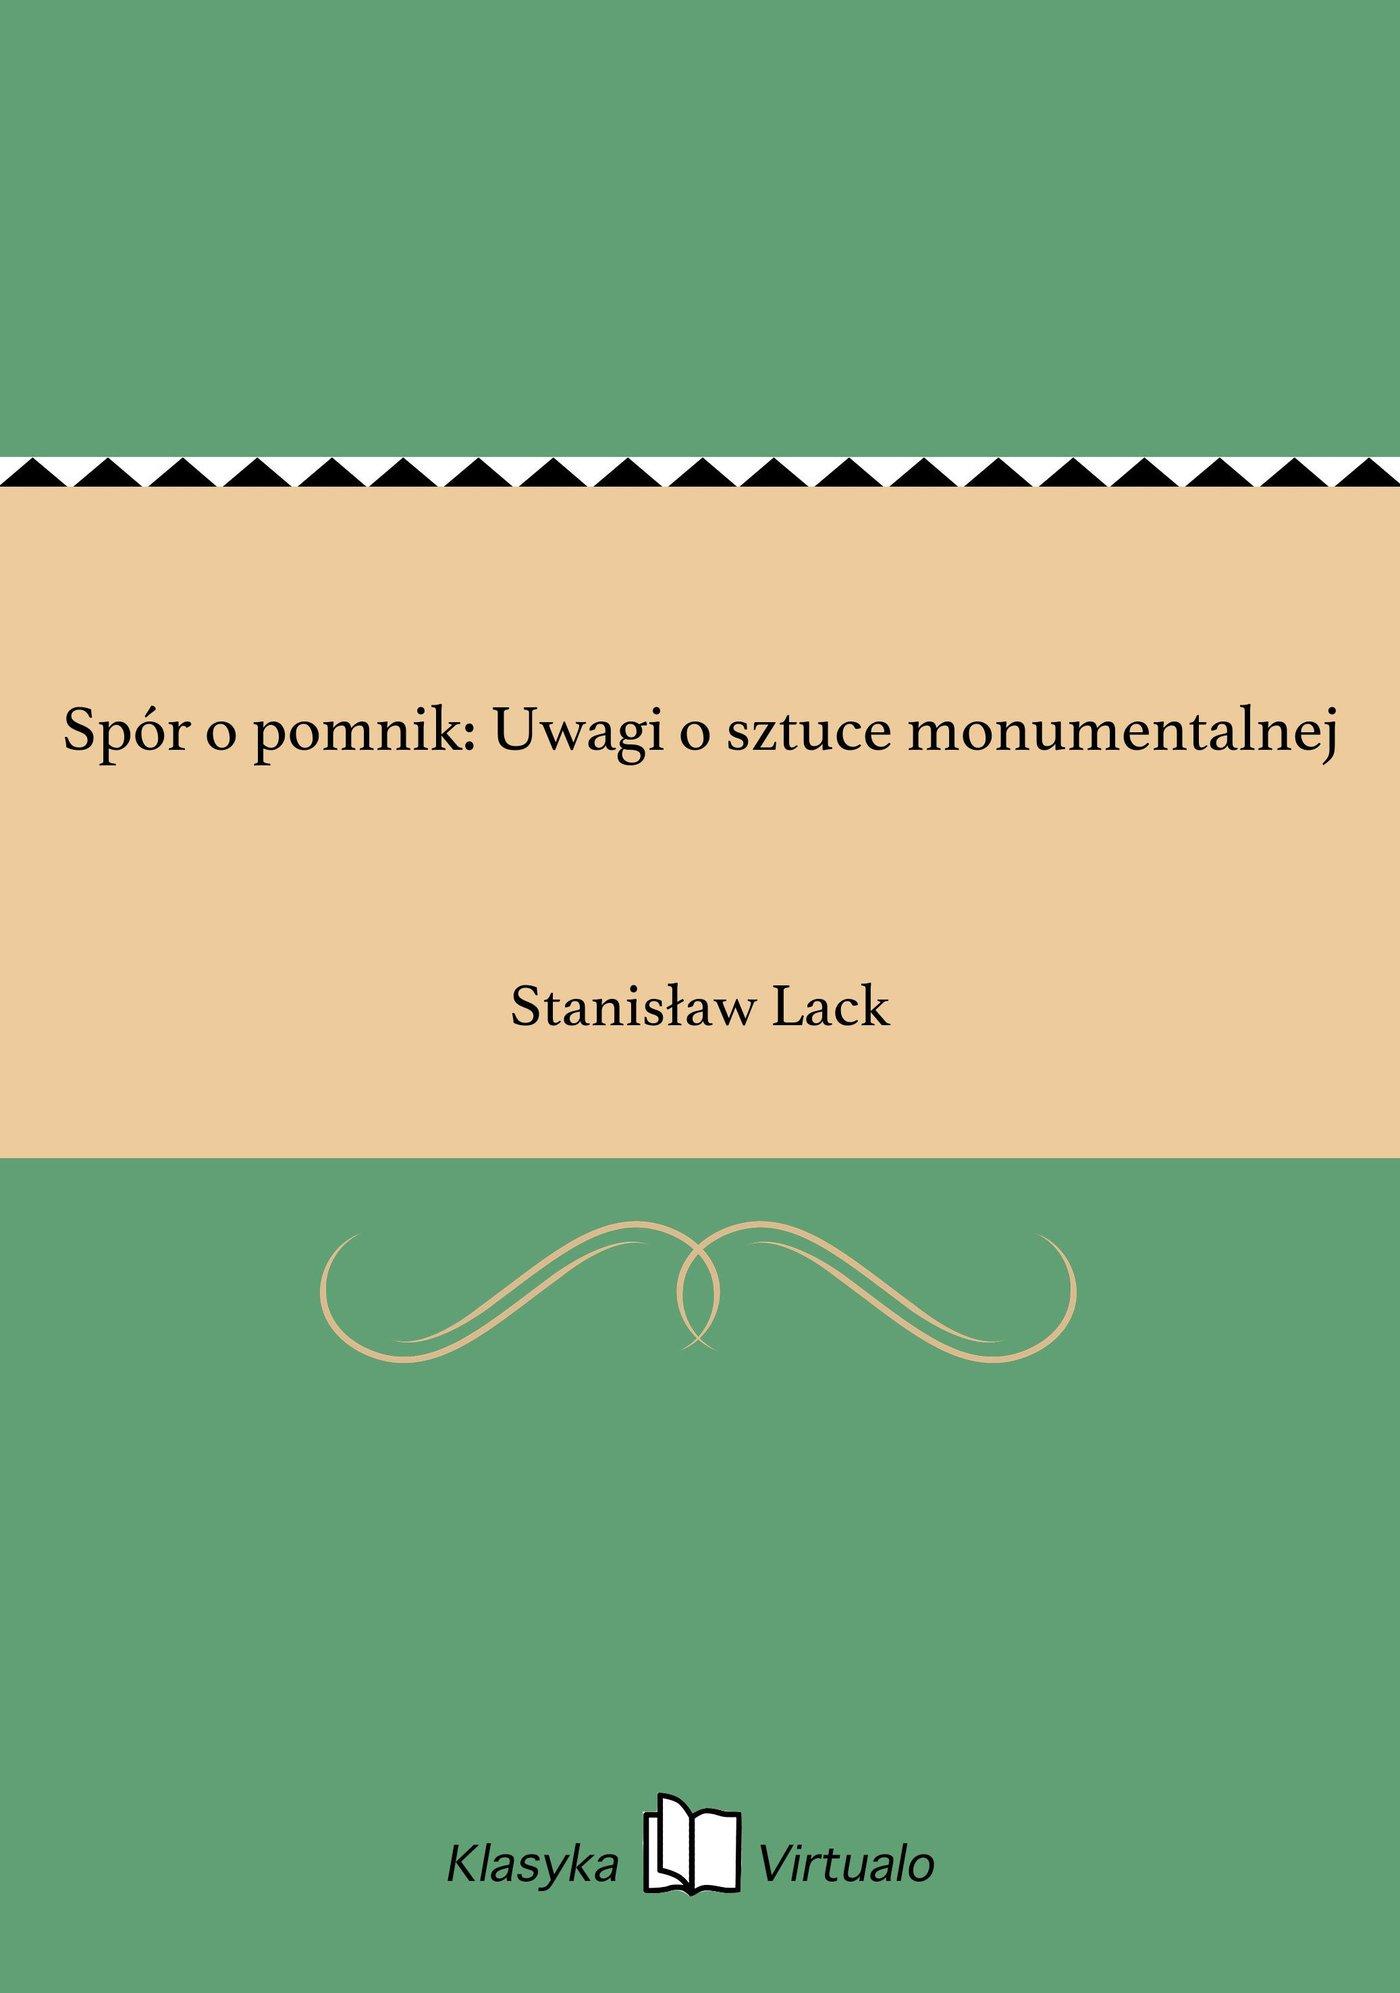 Spór o pomnik: Uwagi o sztuce monumentalnej - Ebook (Książka EPUB) do pobrania w formacie EPUB